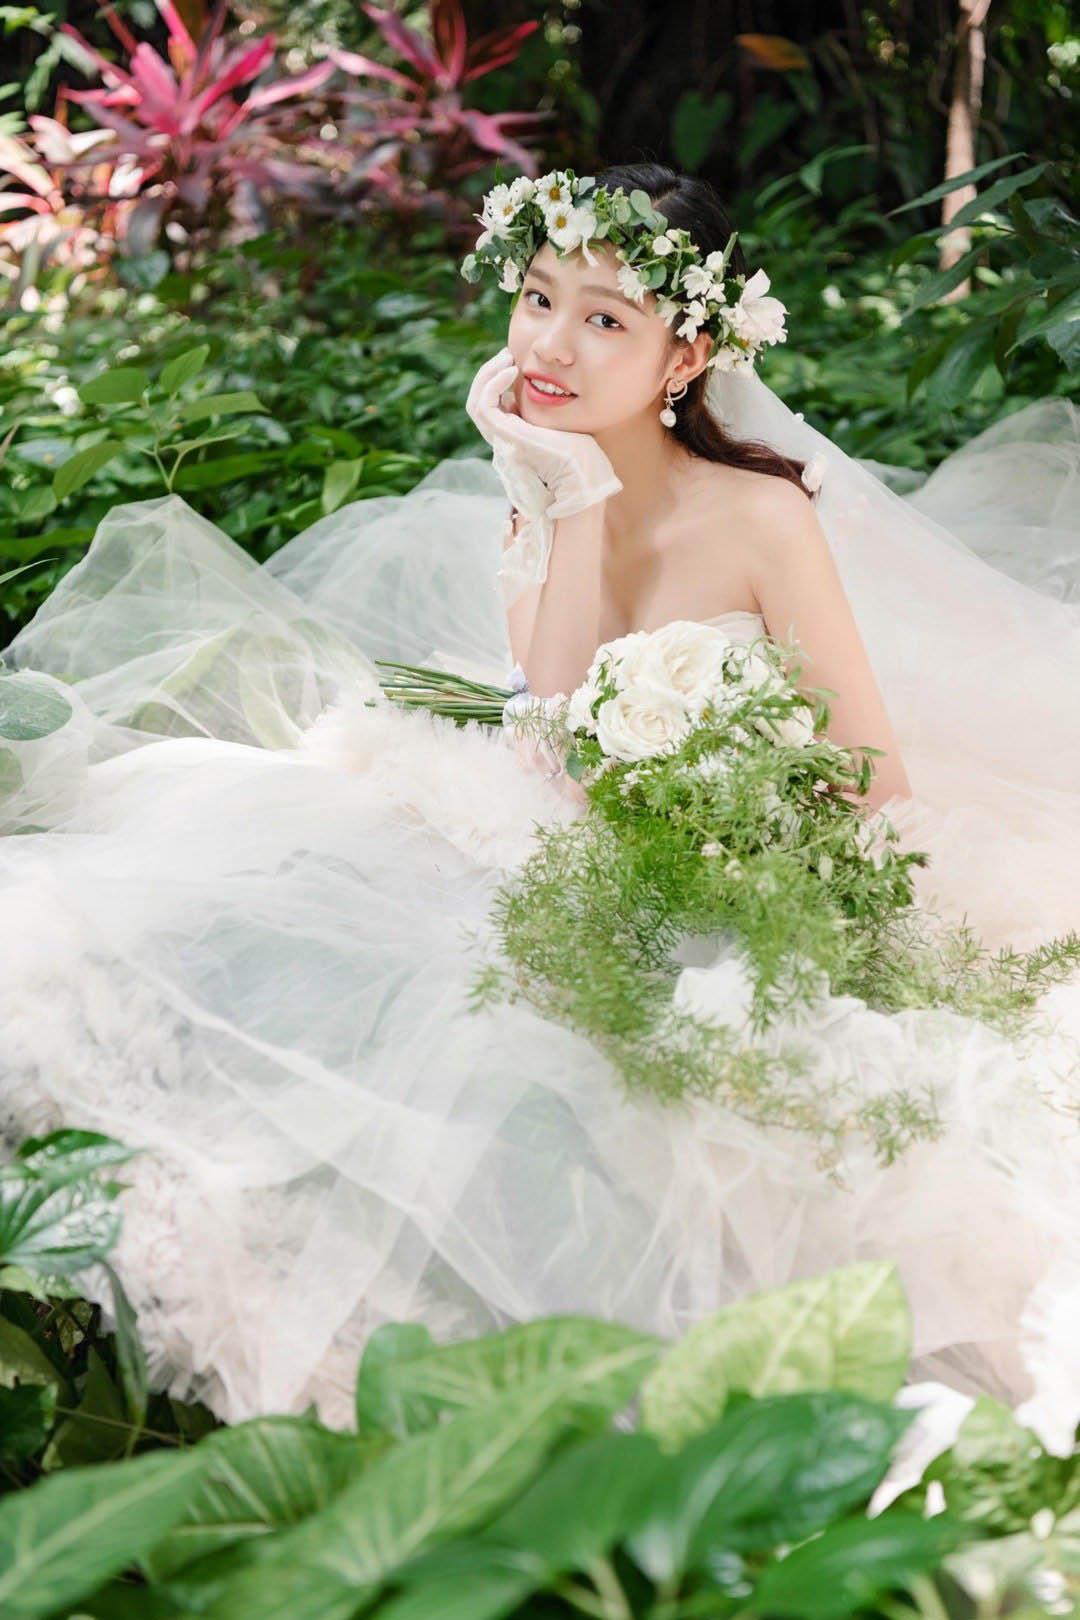 铂爵旅拍婚纱照 在西双版纳铭刻幸福记忆